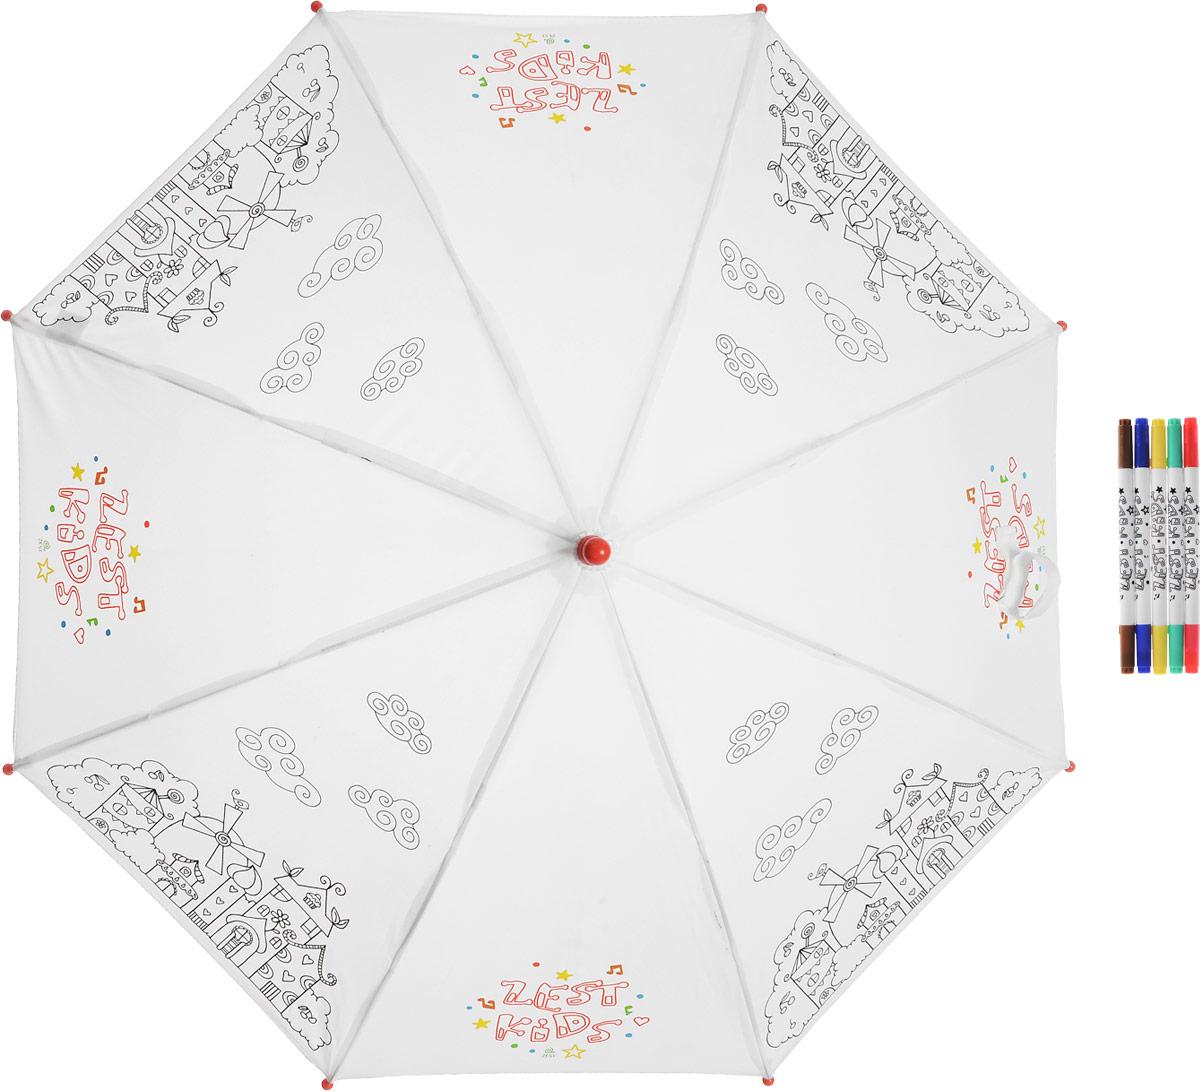 Зонт-трость детский Zest механический, цвет: белый. 21581-257REM12-CAM-GREENBLACKДетский зонт-трость для раскрашивания Zest выполнен из металла и пластика, оформлен силуэтами картинок. Картинки малыш сможет раскрасить самостоятельно фломастерами, входящими в комплект.Каркас зонта выполнен из восьми спиц, стержень из стали. На концах спиц предусмотрены пластиковые элементы, которые защитят малыша от травм. Купол зонта изготовлен прочного полиэстера. Закрытый купол застегивается на липучку хлястиком. Практичная глянцевая рукоятка закругленной формы разработана с учетом требований эргономики и выполнена из пластика.